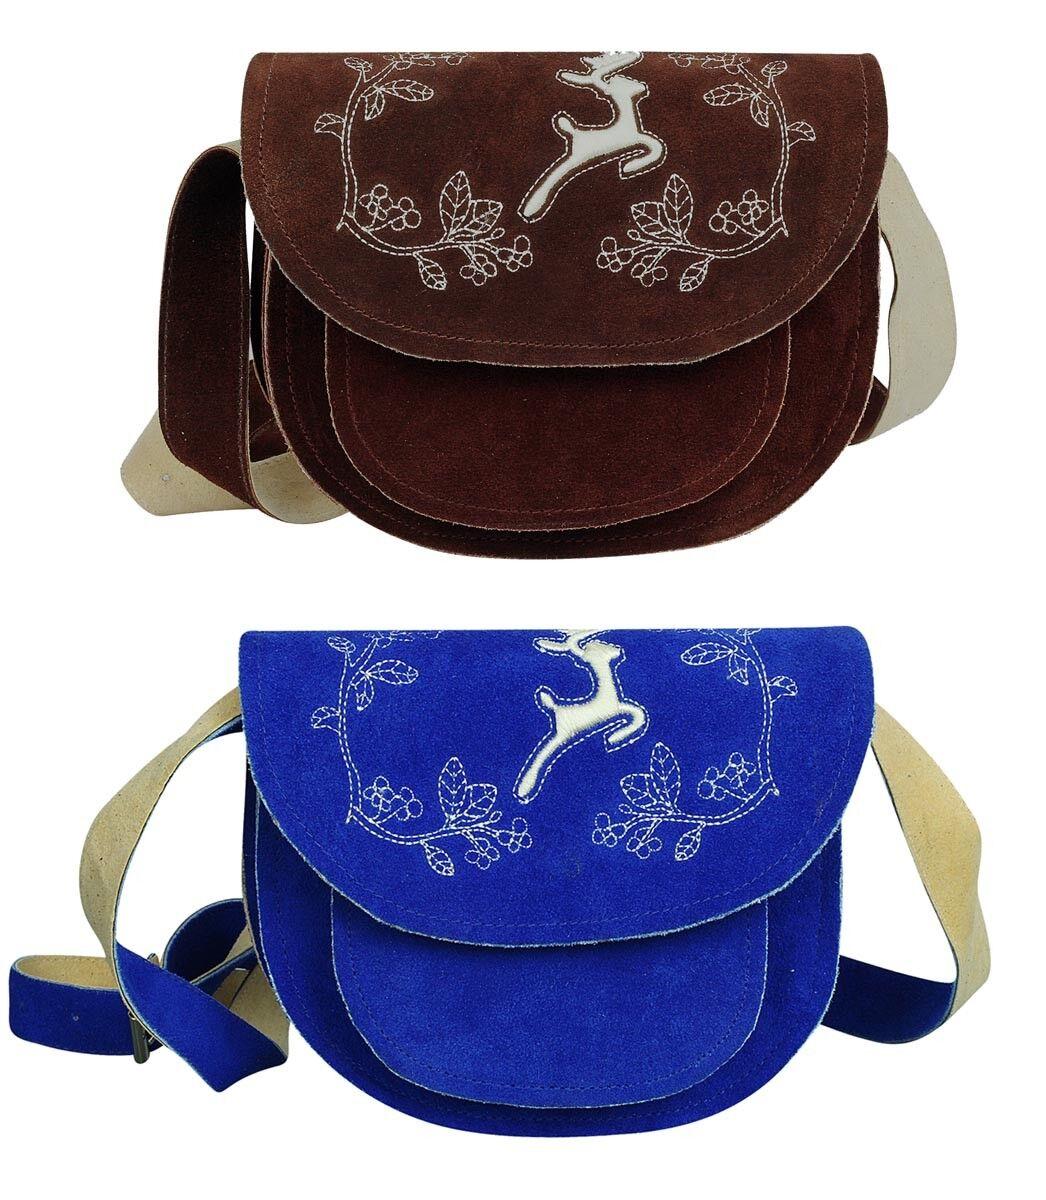 Trachtentasche Handtasche Damentasche Schultertasche Dirndl Tasche mit Stickerei